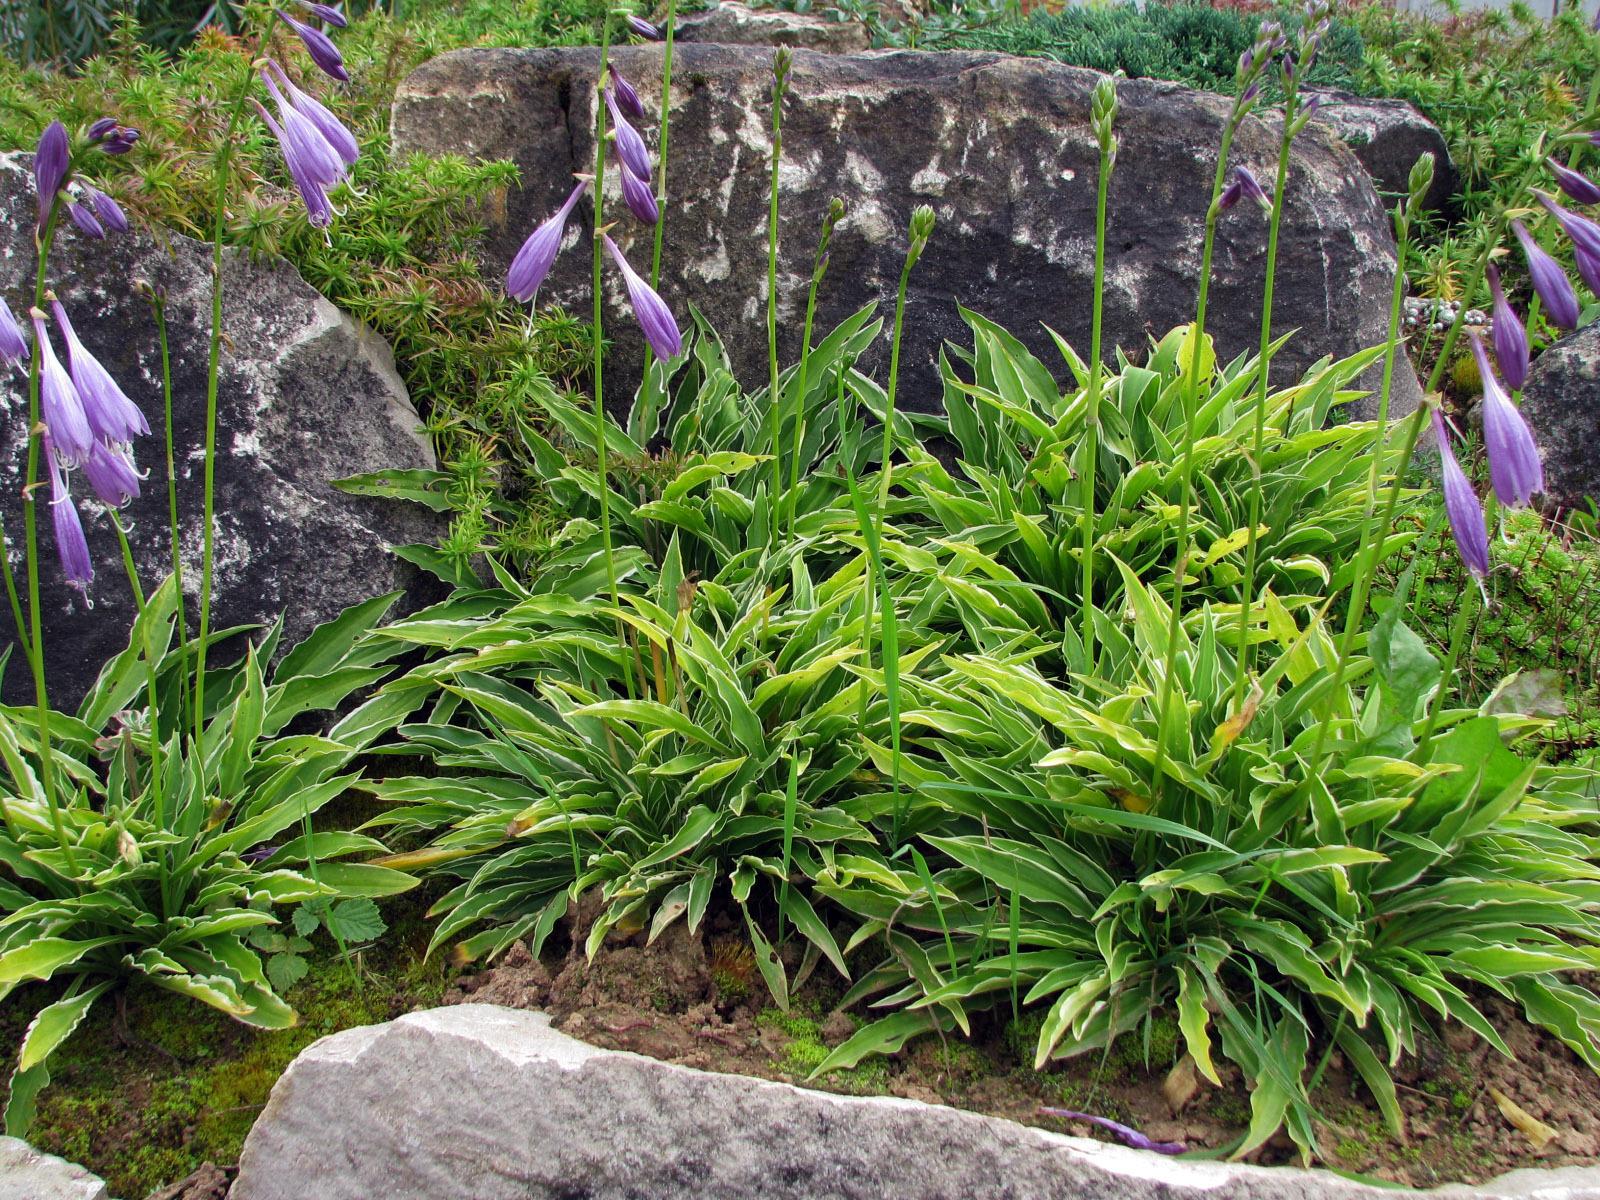 Хоста гибридная 'Стилетто' ('Stiletto') - Миниатюрная хоста с длинными, ланцетной формы зелеными листьями, окантованными бело - жёлтой каймой.Высота 25-30 см.